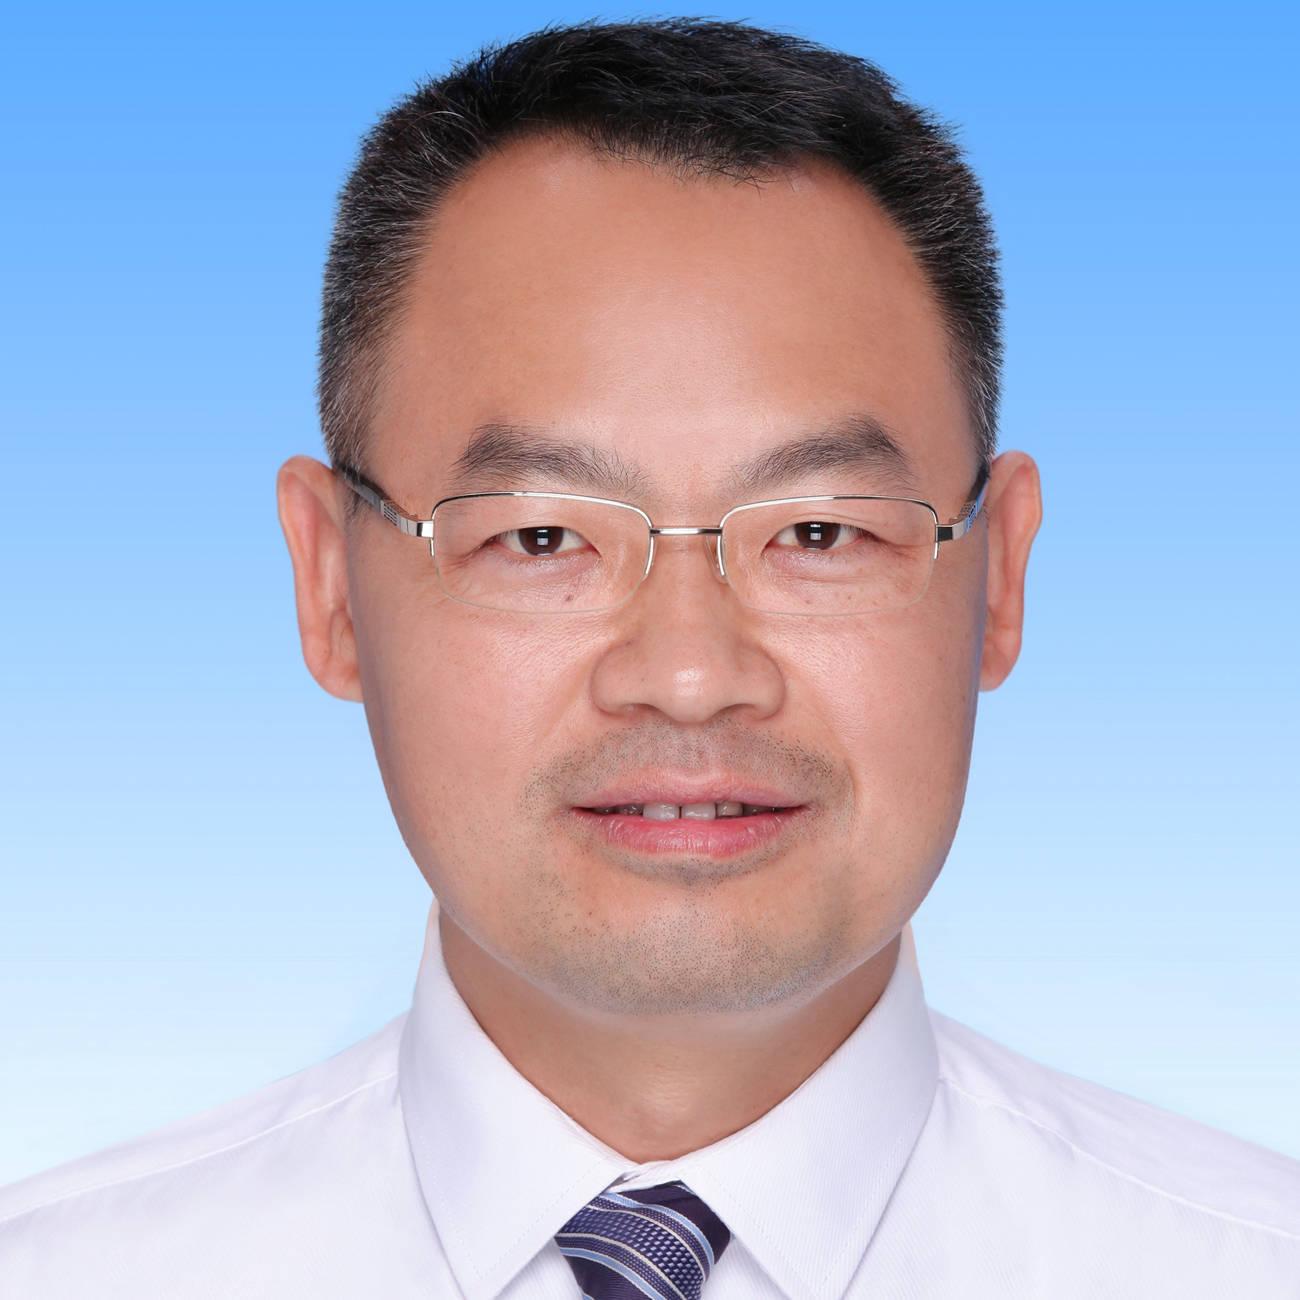 广西医科大学第二附属医院副院长/急诊科主任 张剑峰·